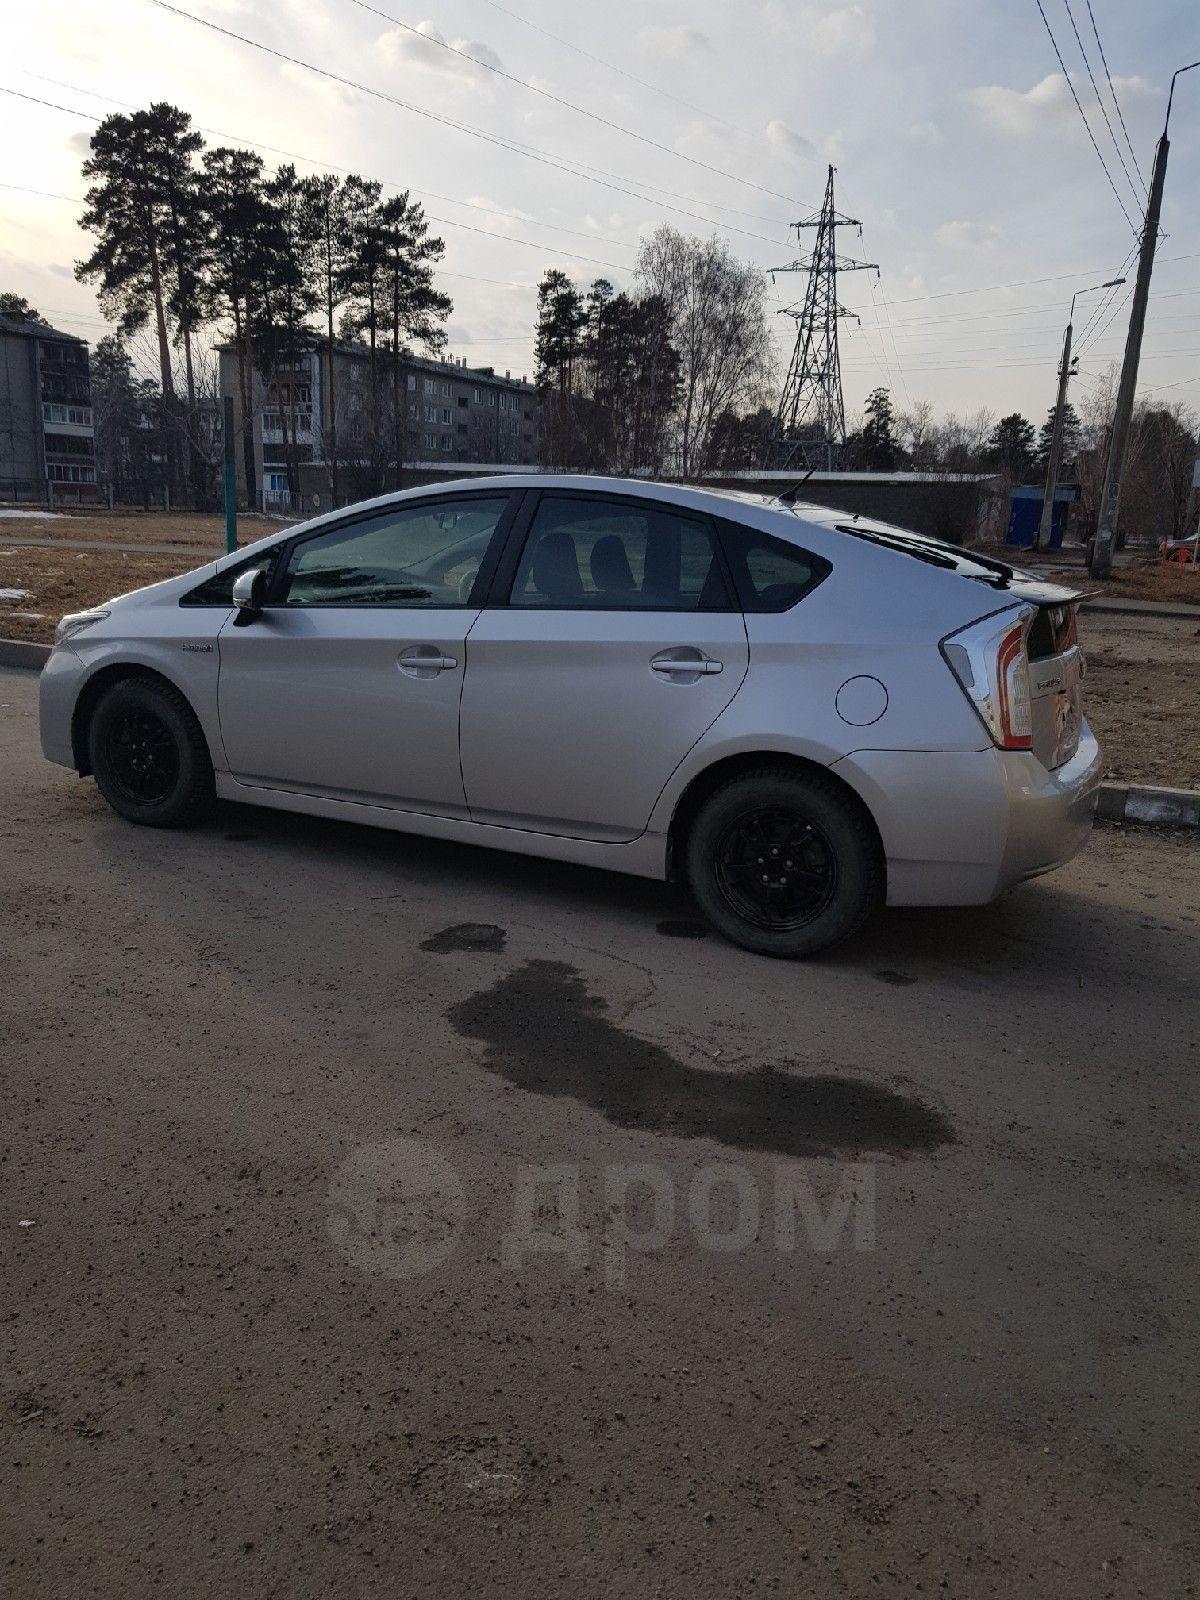 Купить, тойота, приус в, иркутской области : продажа, toyota, prius с пробегом